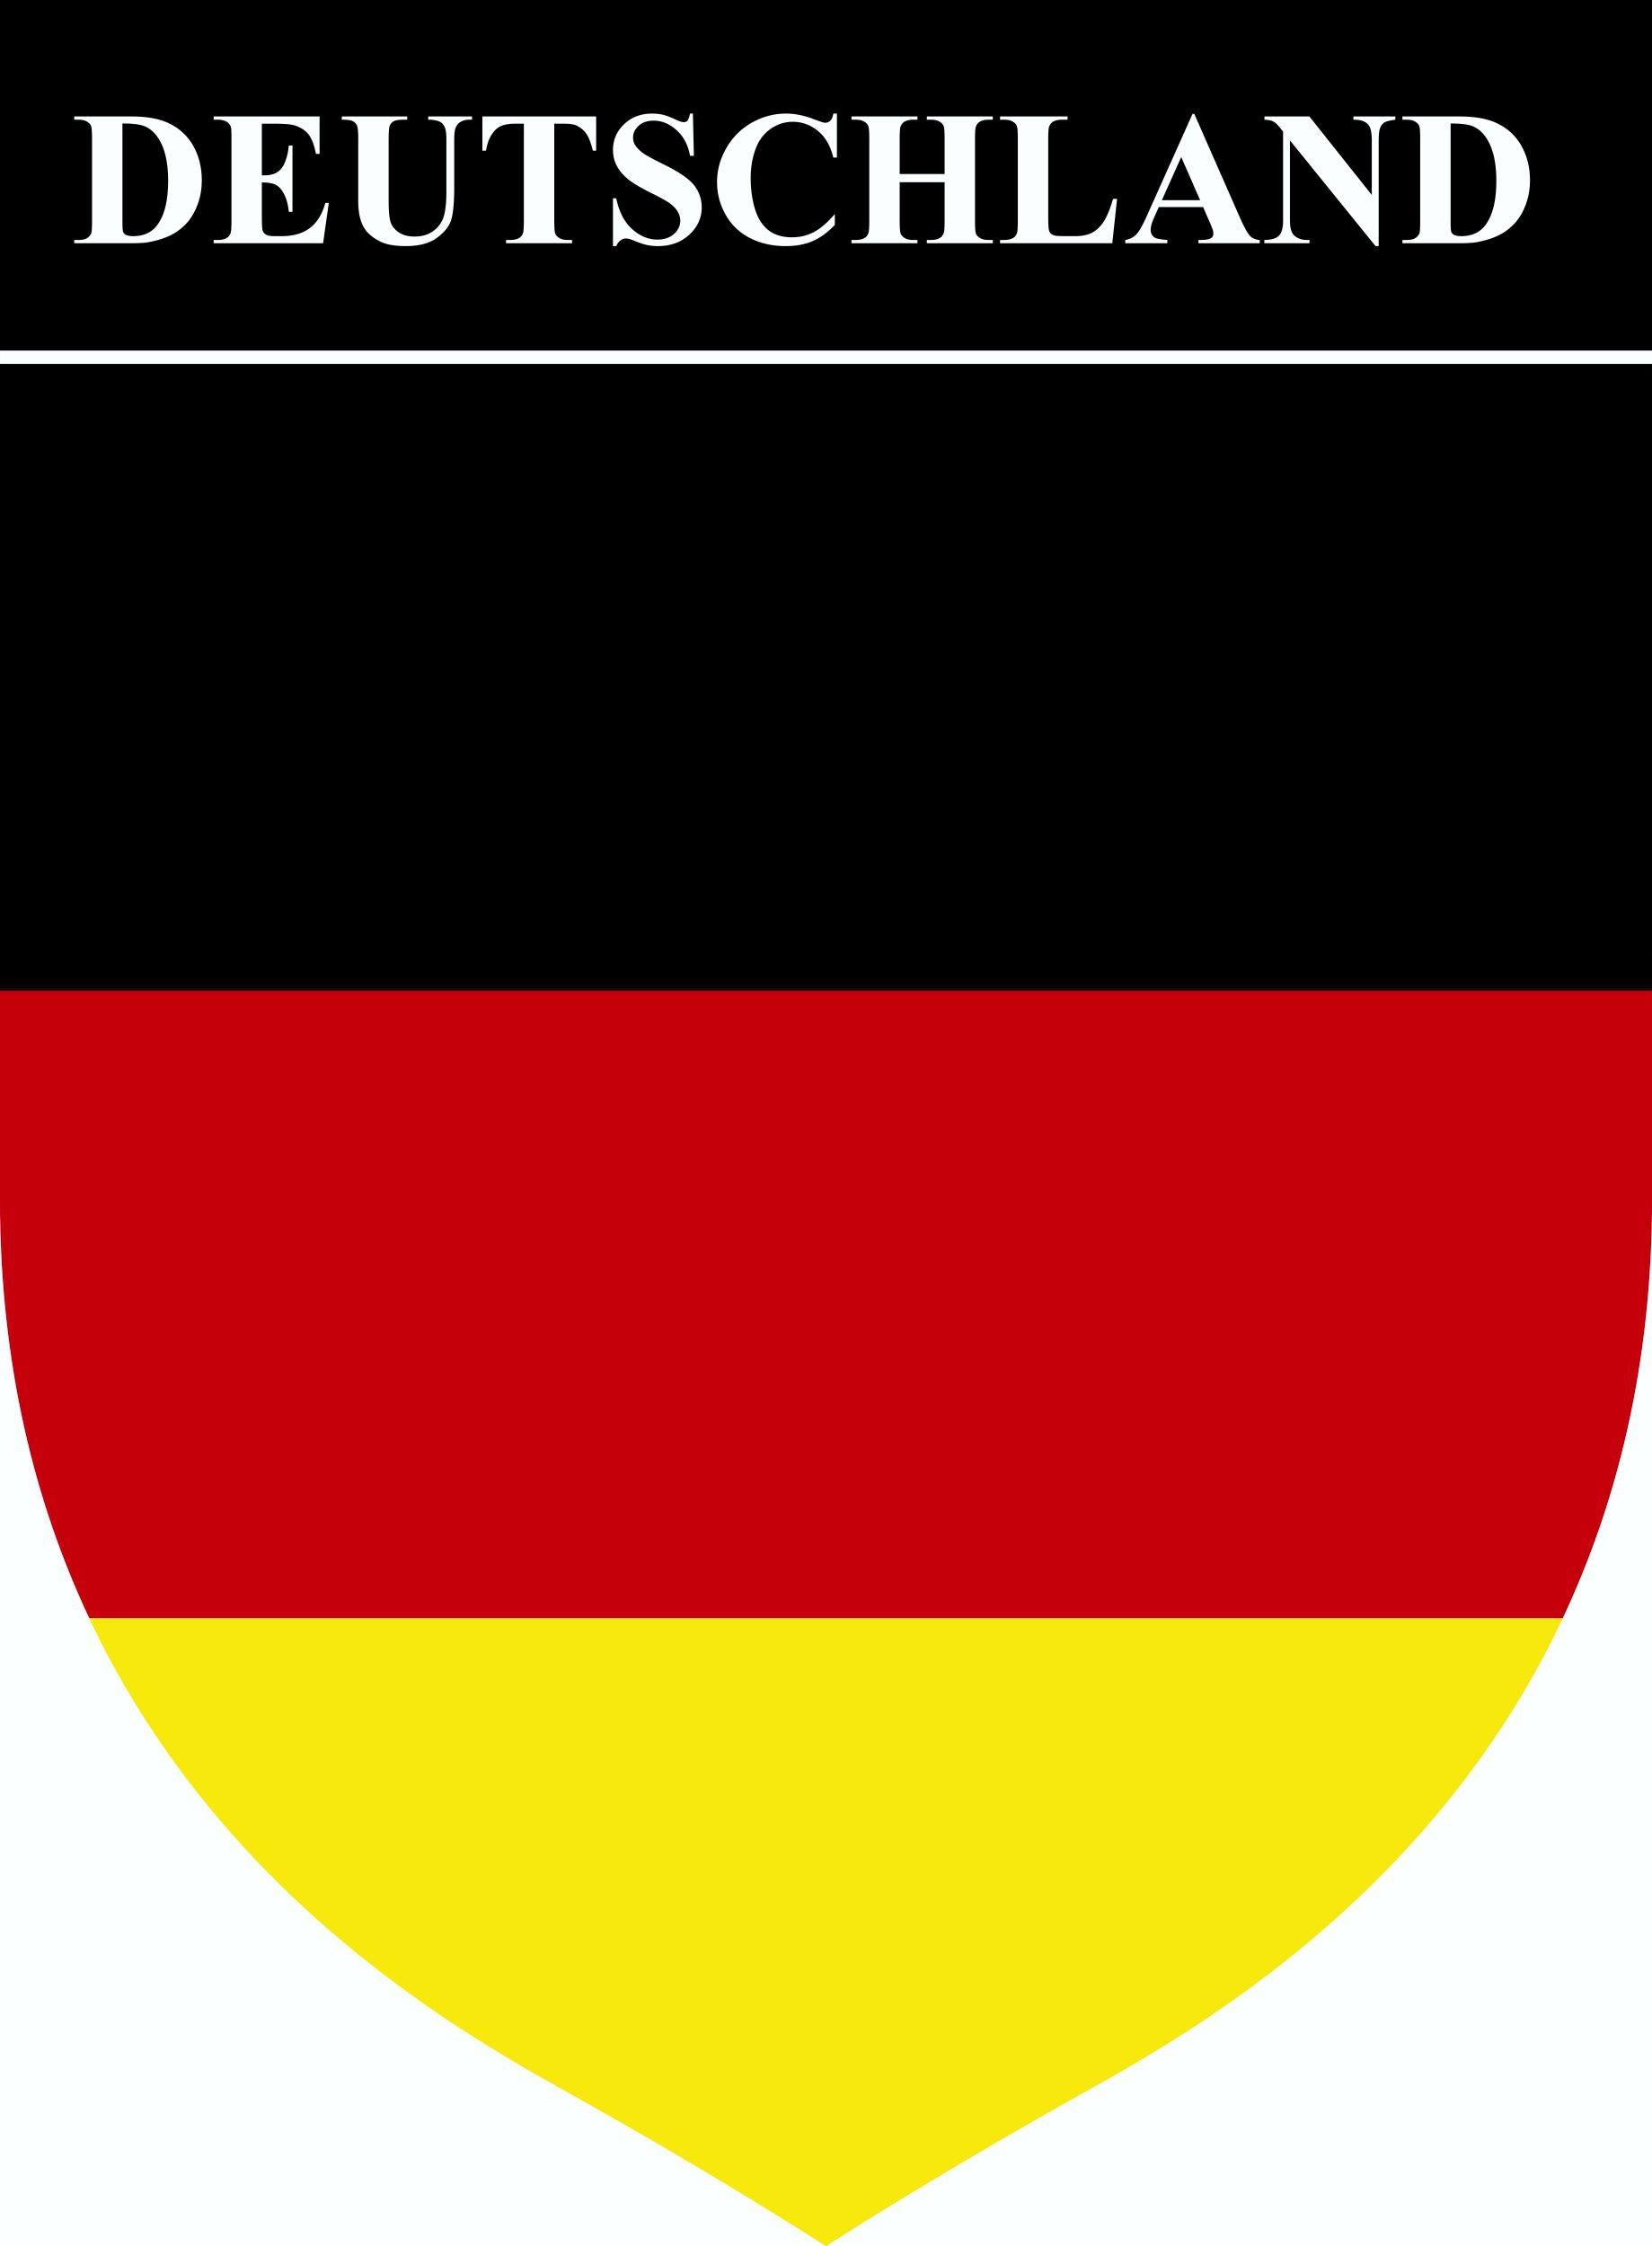 Aufkleber Wappen Deutschland 85 x 65 mm – Bild 1